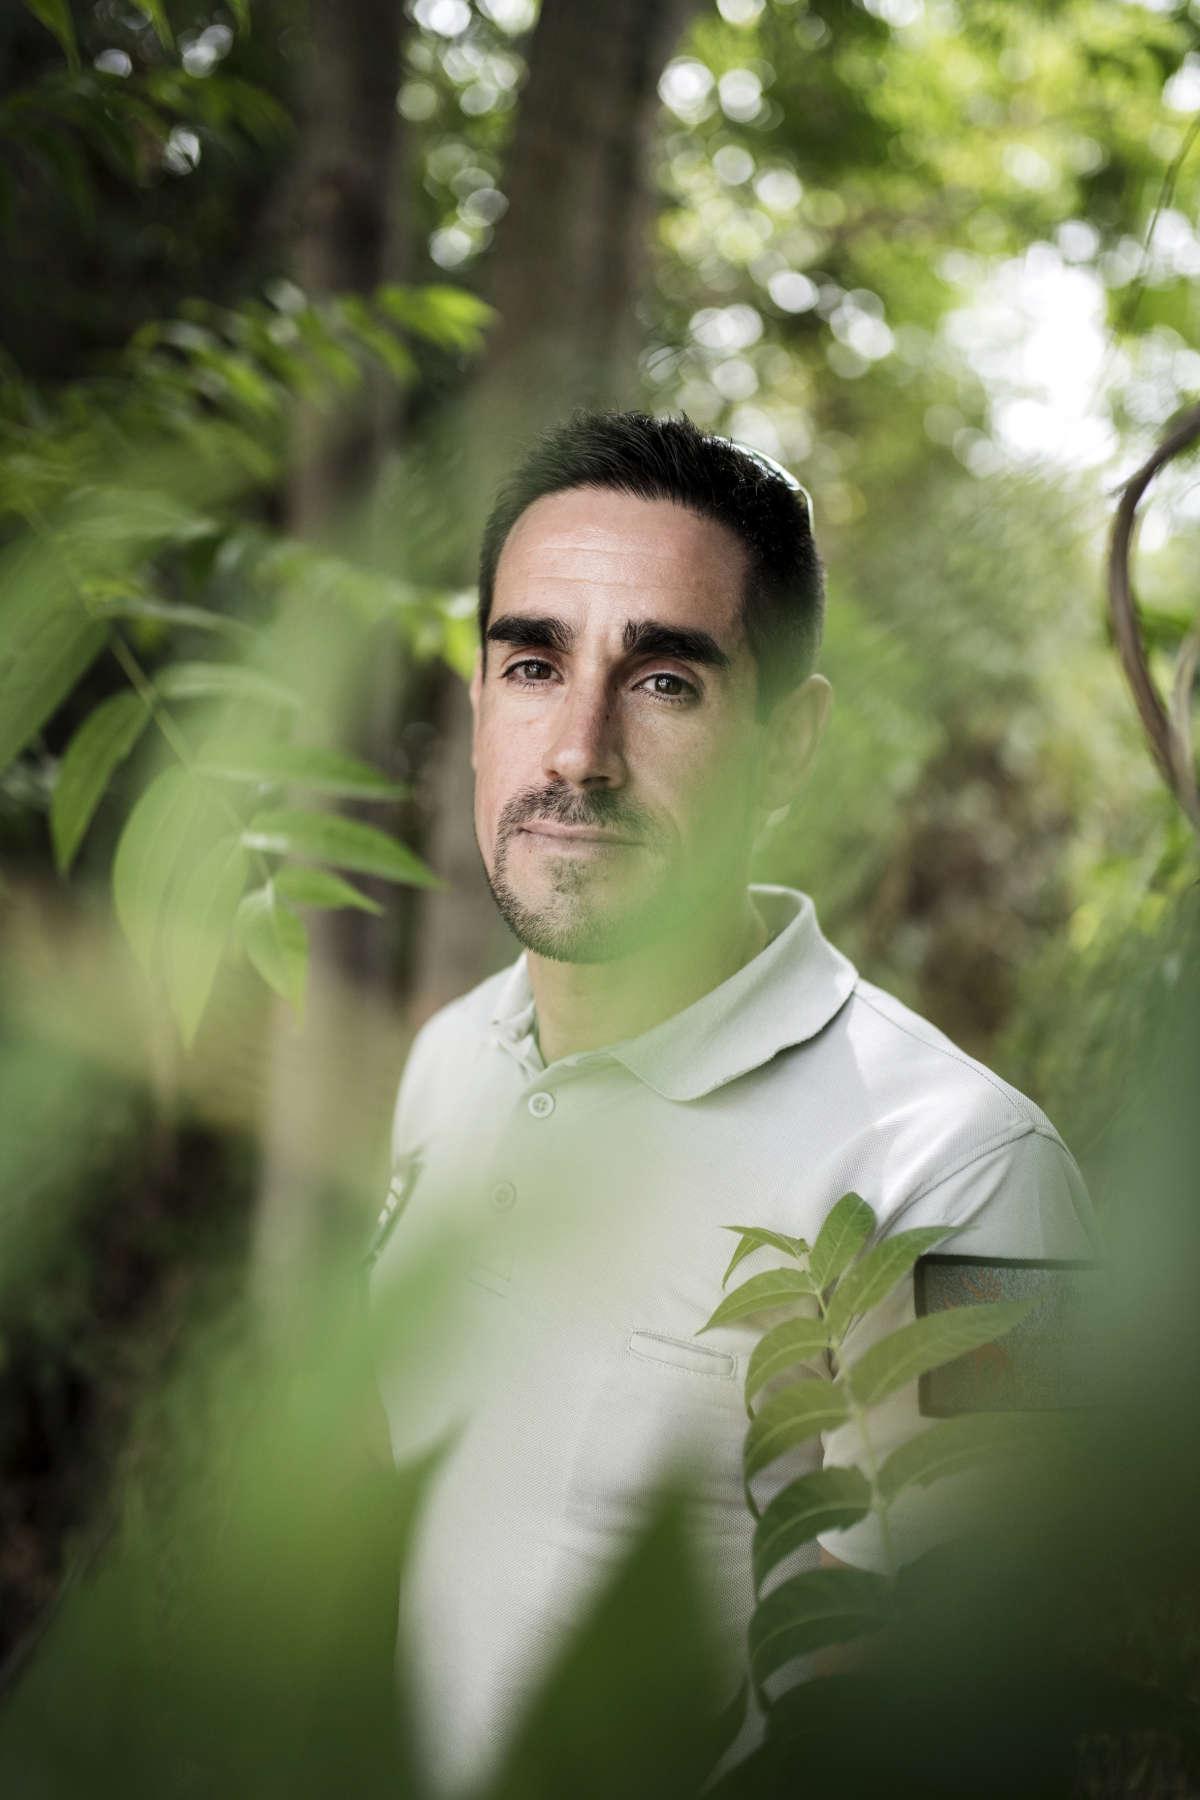 Nicolas Jean, membre de l'équipe de l'ONCFS, le 13 août.